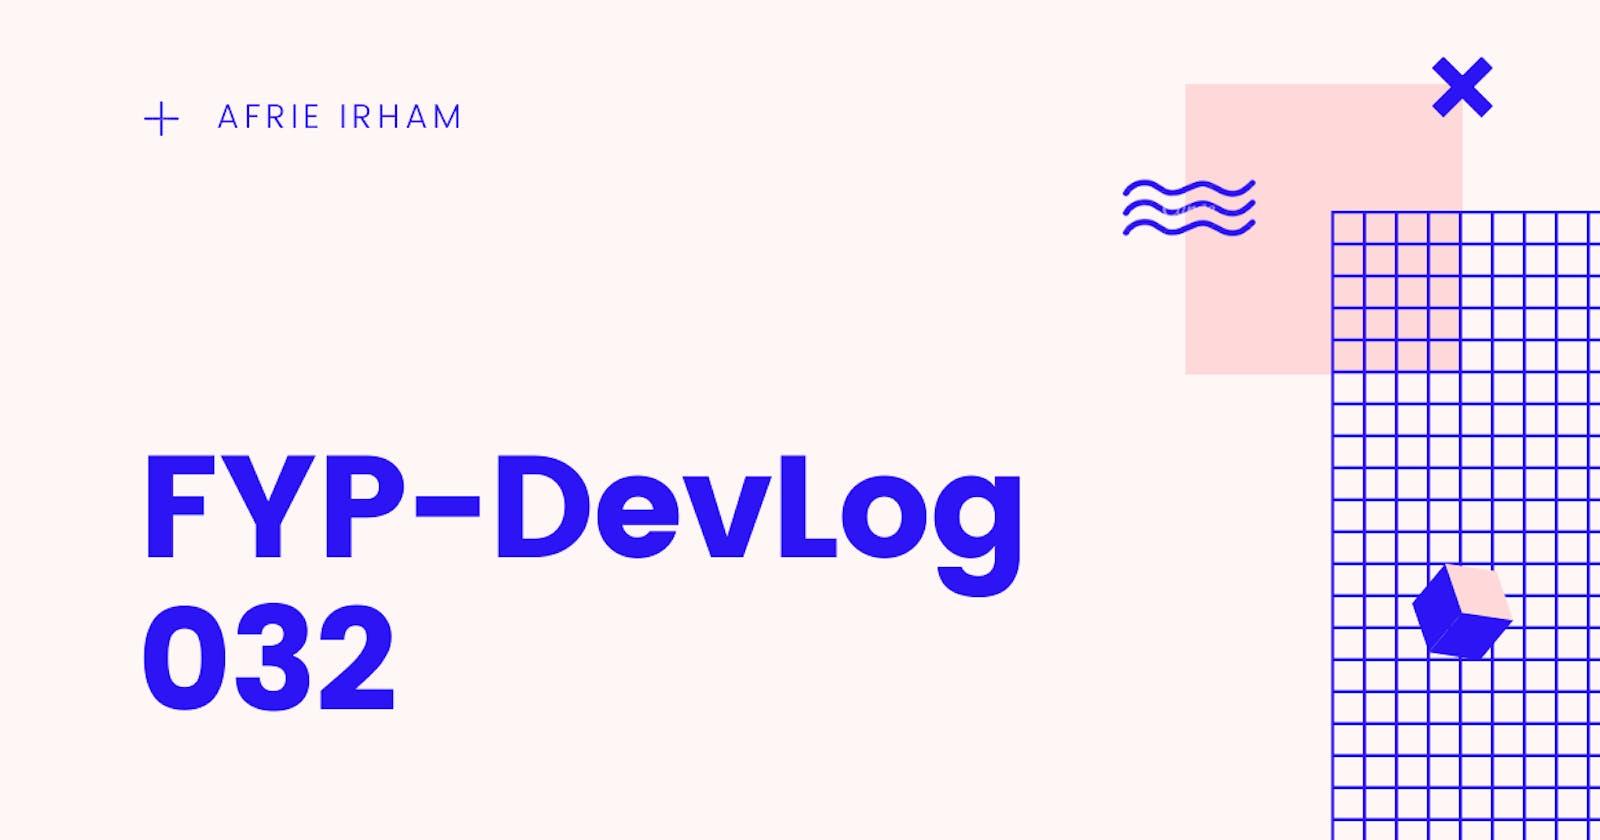 FYP-DevLog 032